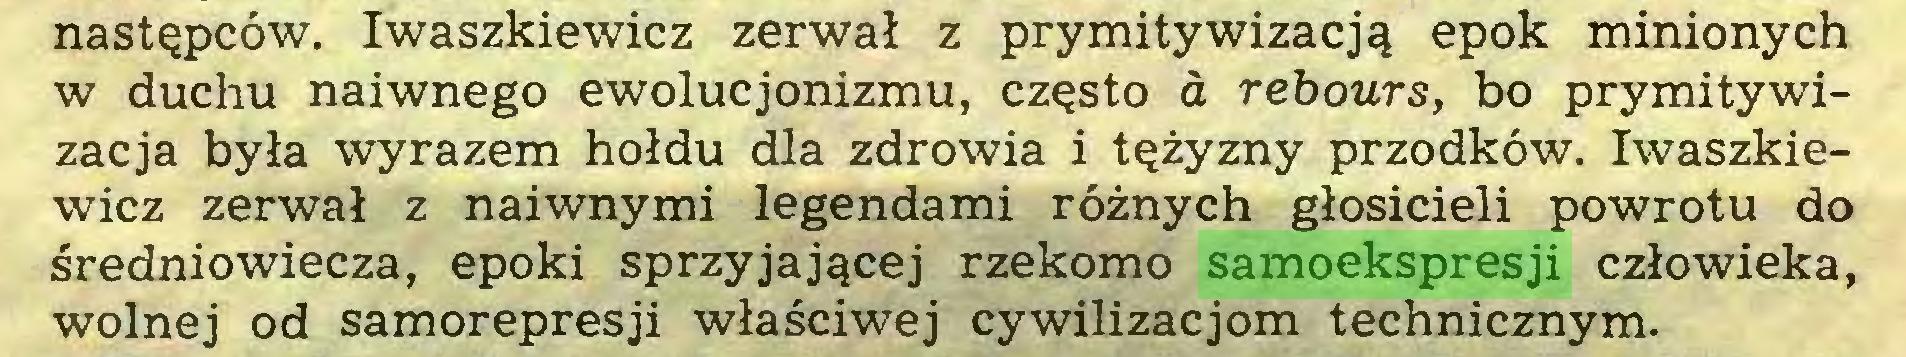 (...) następców. Iwaszkiewicz zerwał z prymitywizacją epok minionych w duchu naiwnego ewolucjonizmu, często a rebours, bo prymitywizacja była wyrazem hołdu dla zdrowia i tężyzny przodków. Iwaszkiewicz zerwał z naiwnymi legendami różnych głosicieli powrotu do średniowiecza, epoki sprzyjającej rzekomo samoekspresji człowieka, wolnej od samorepresji właściwej cywilizacjom technicznym...